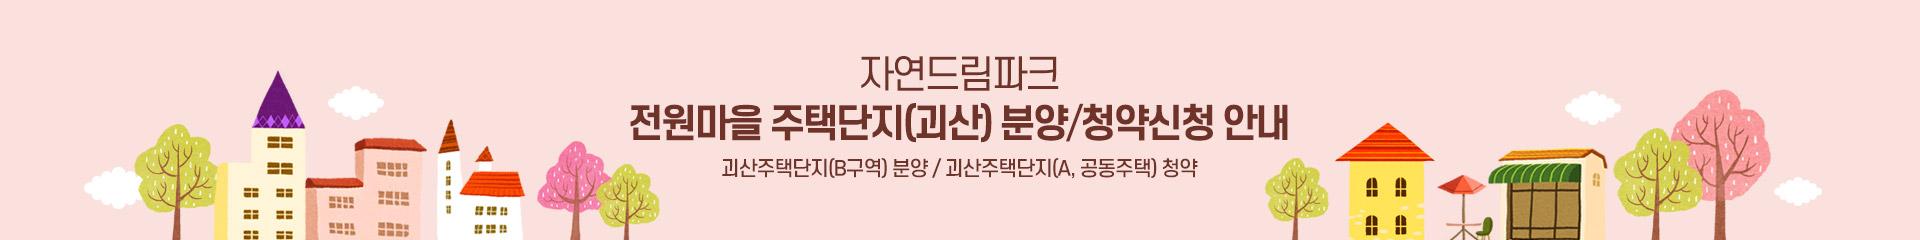 괴산주택단지 분양/청약 신청